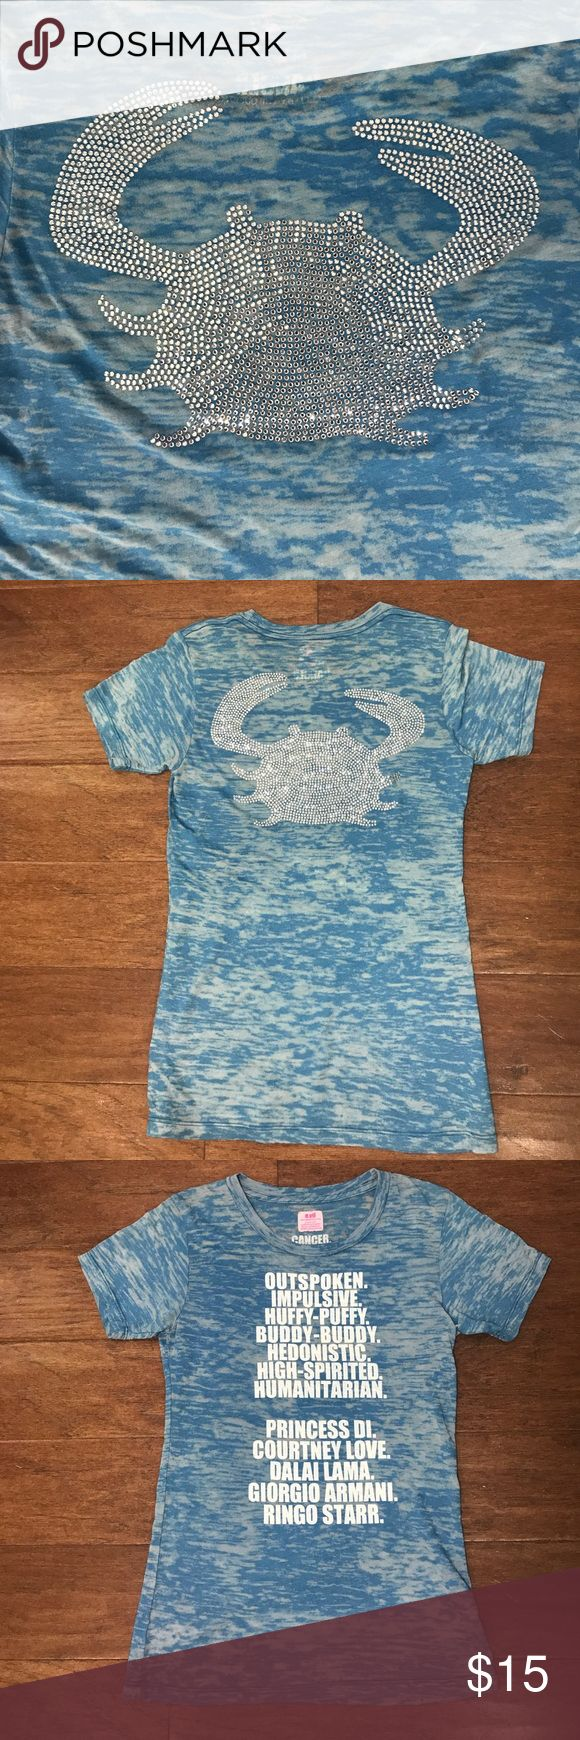 El Cancer Horoscope Tshirt